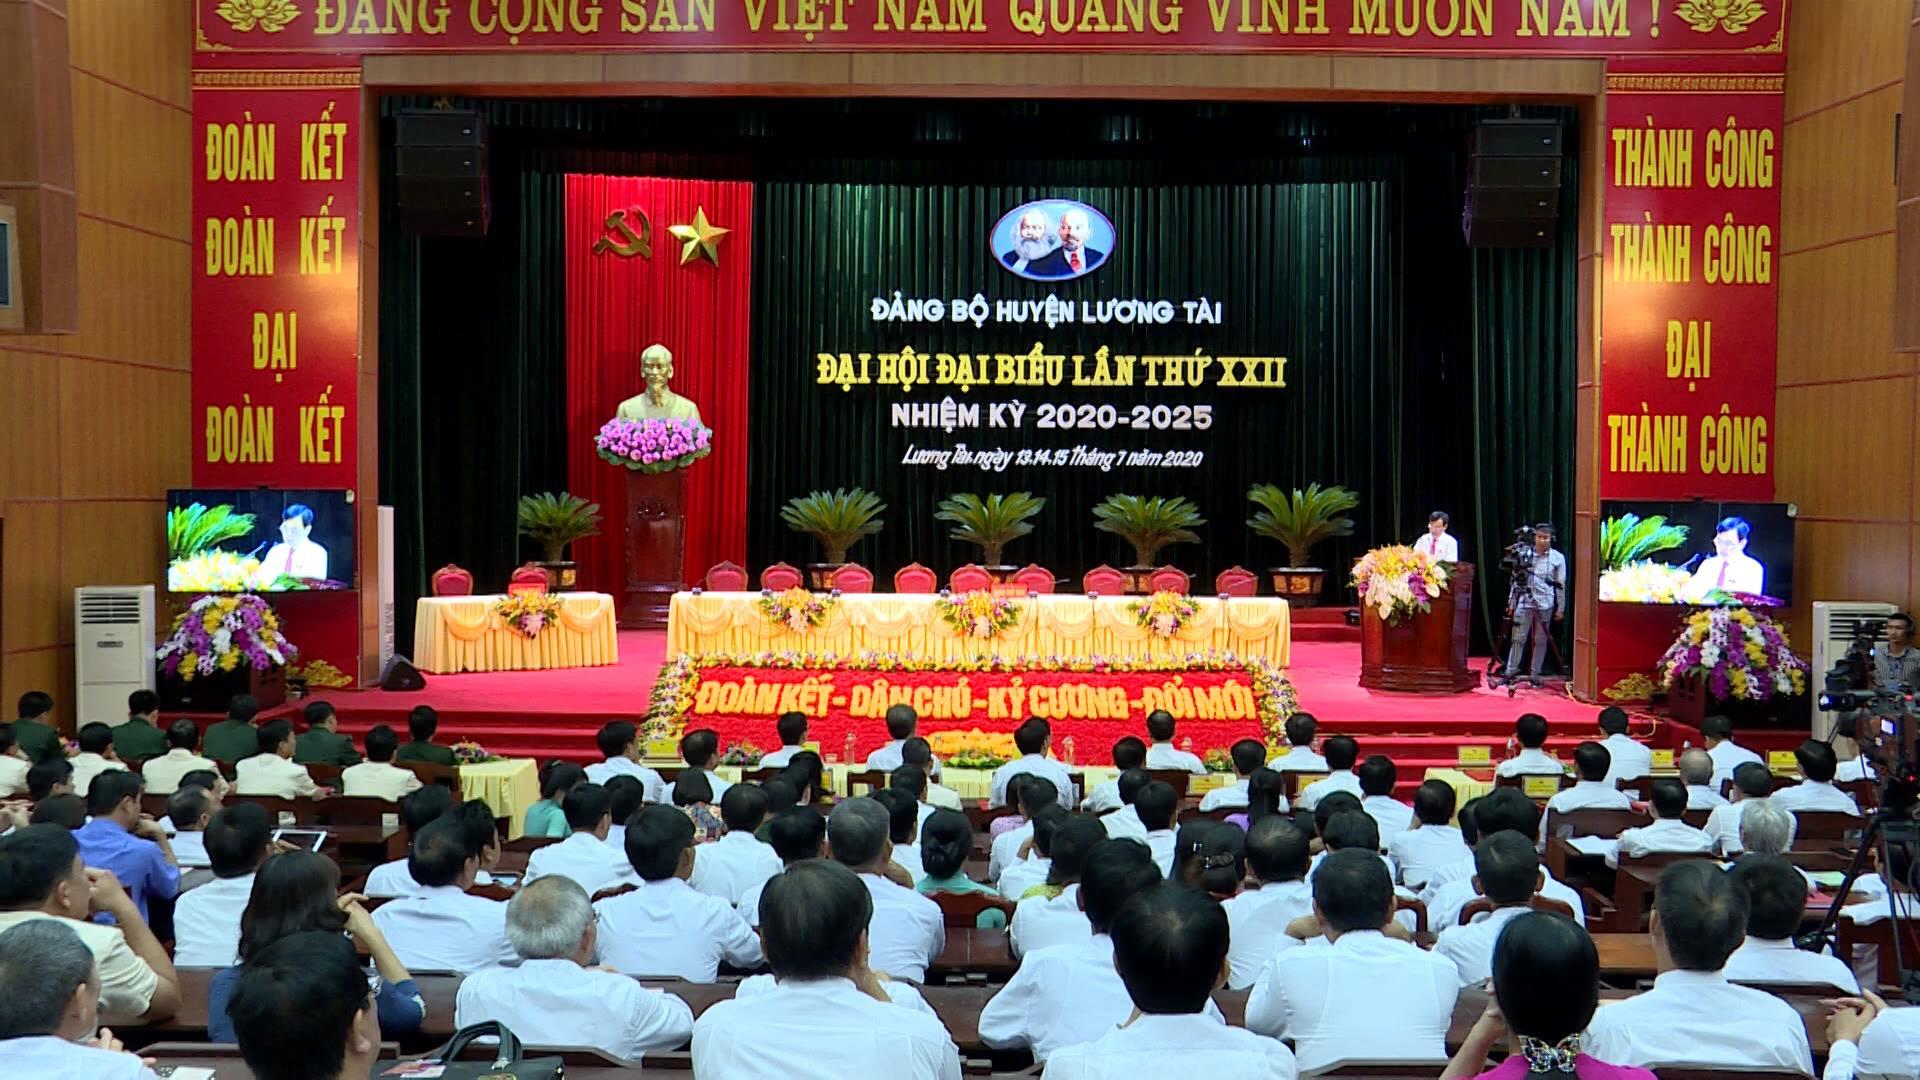 Phiên thứ nhất Đại hội Đảng bộ huyện Lương Tài lần thứ XXII